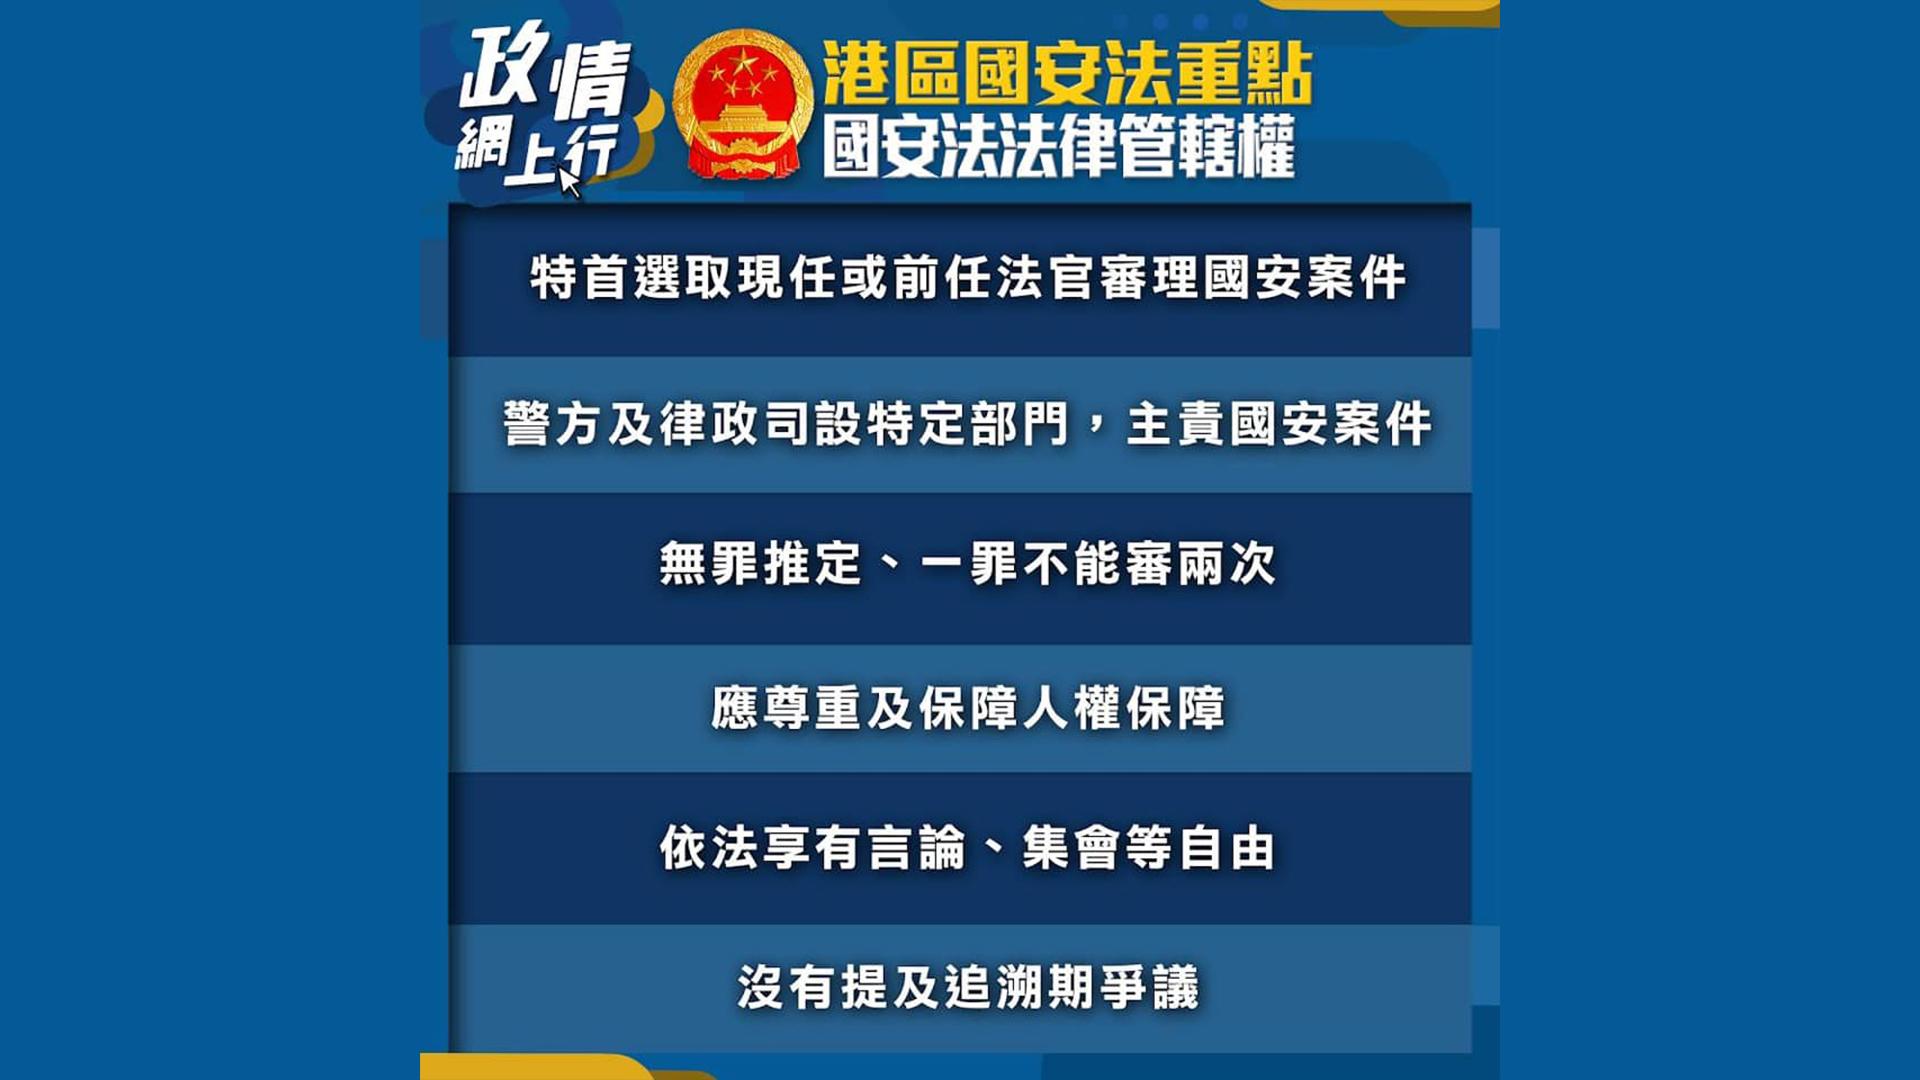 【政情網上行】港區國安法重點 國安法法律管轄權